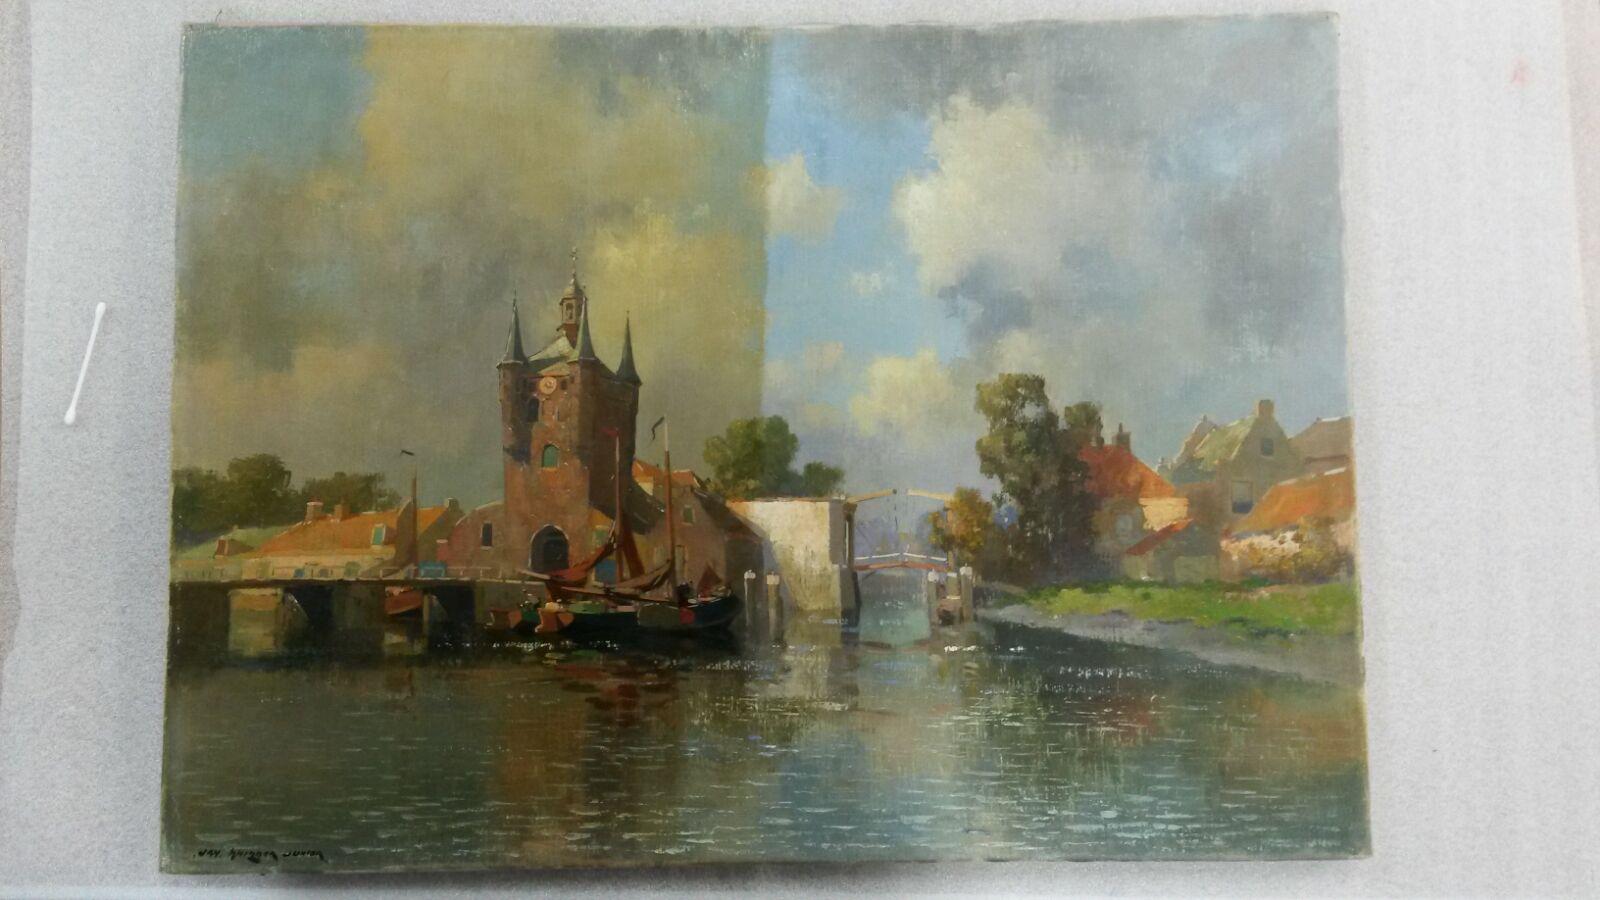 Verschil Na Schoonmaken Schilderij Bleeker Lijsten Lijstenmakerij Groningen